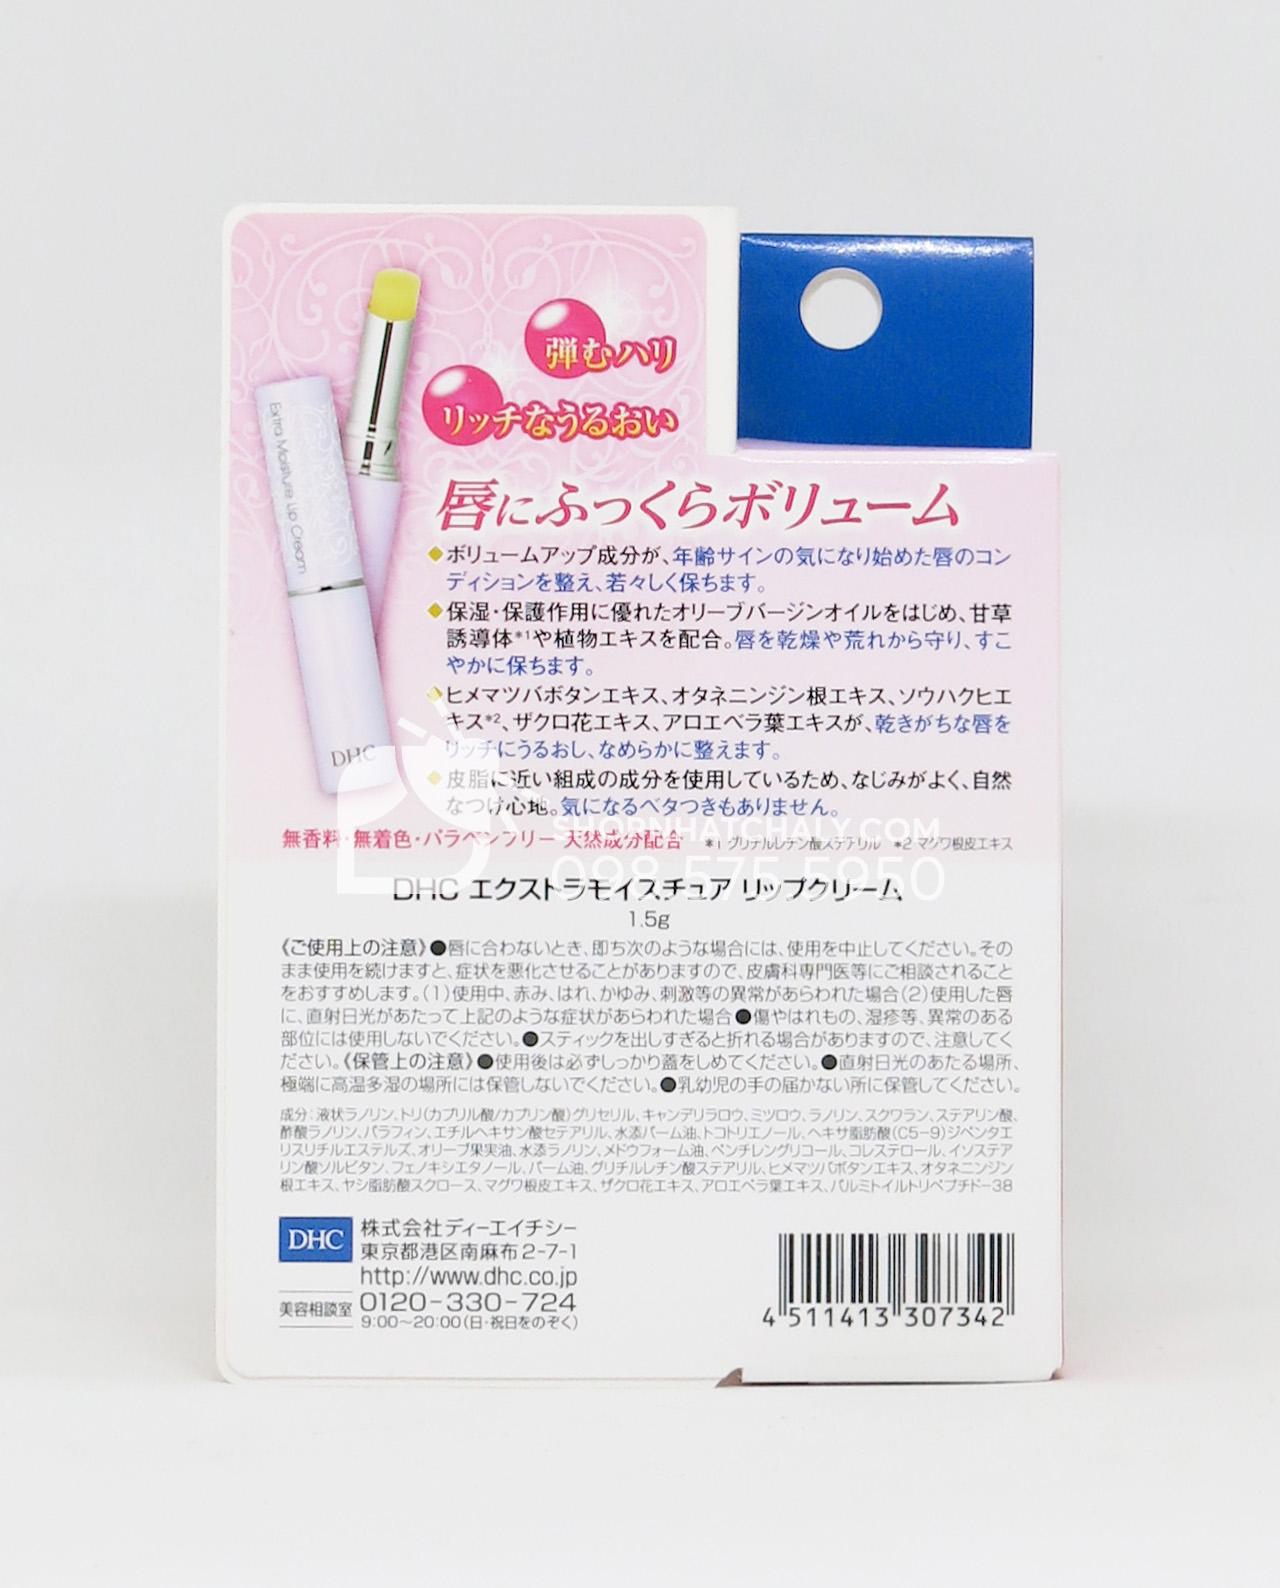 Son dưỡng chống lão hóa môi DHC Nhật Bản - thông tin sản phẩm